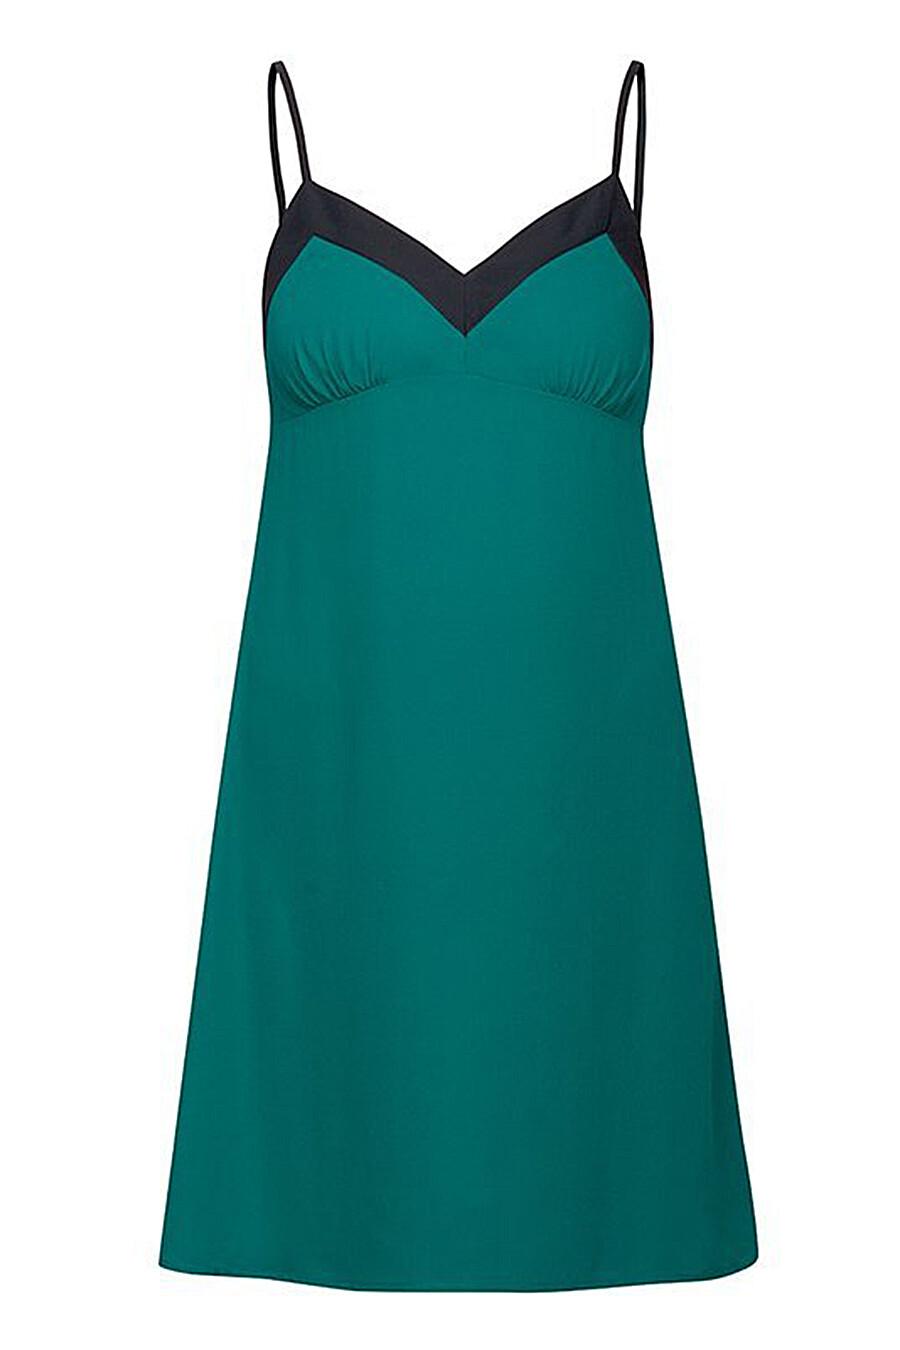 Сорочка для женщин PELICAN 109932 купить оптом от производителя. Совместная покупка женской одежды в OptMoyo